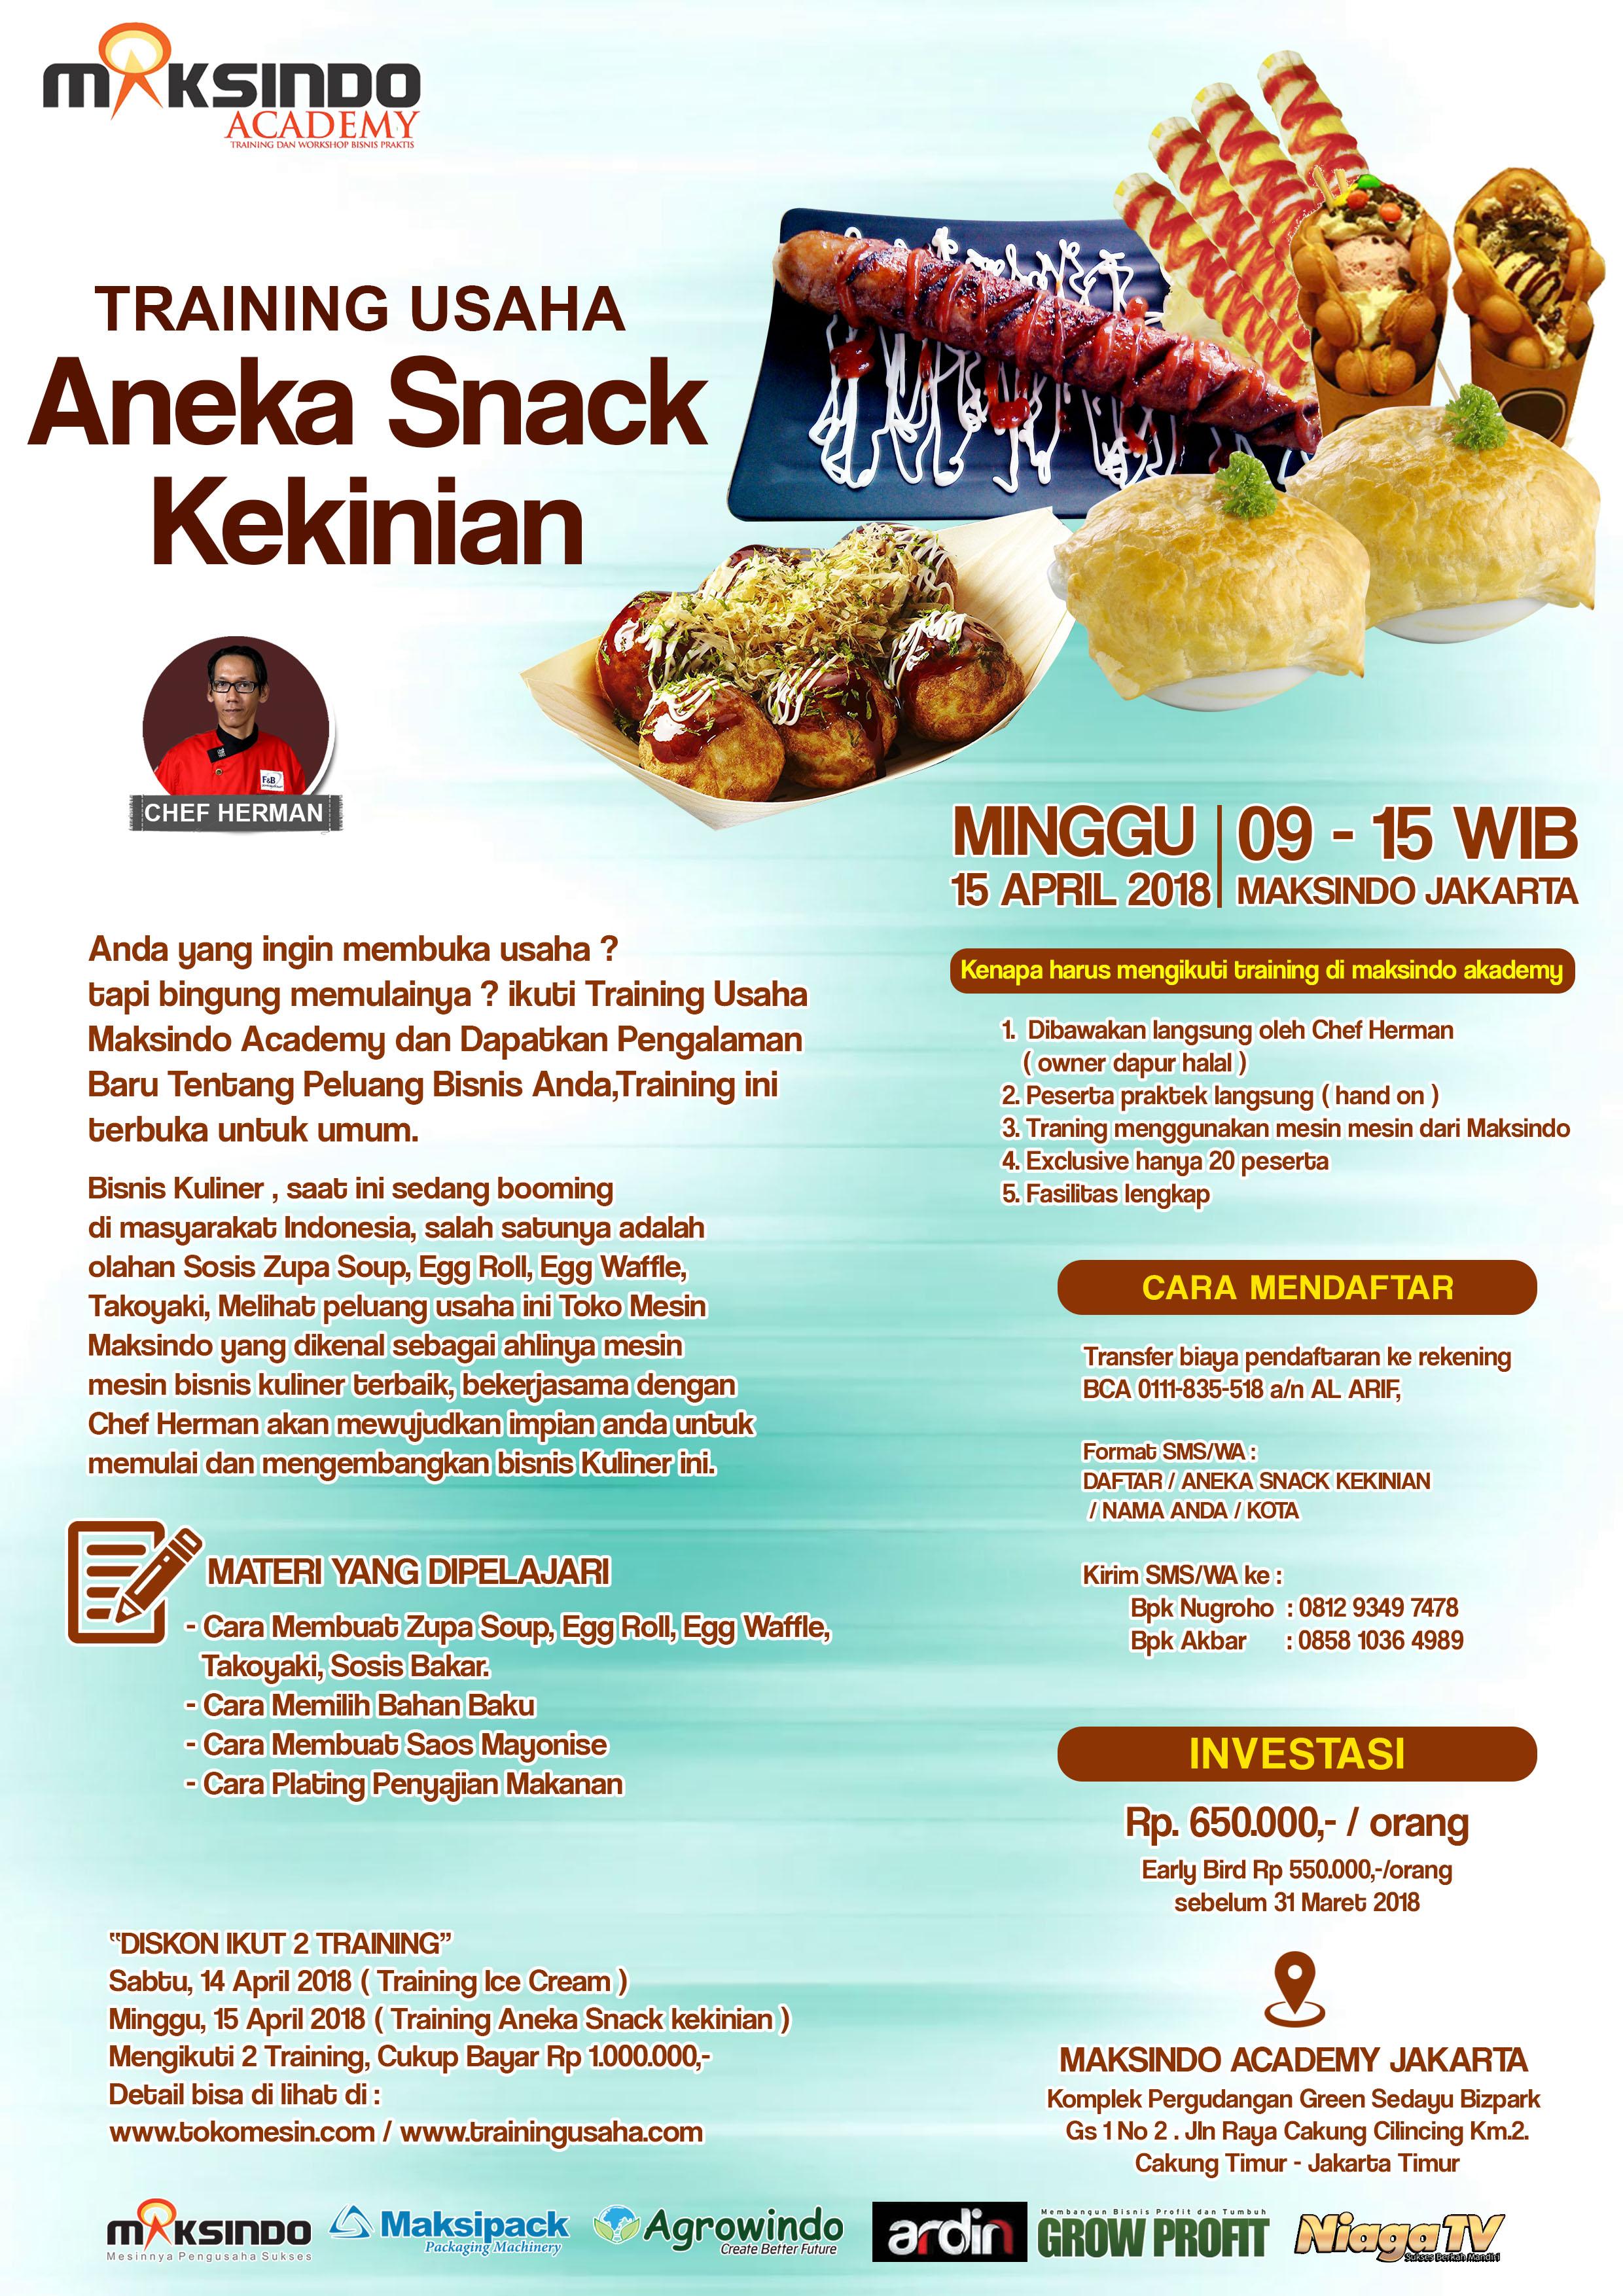 Training Usaha Aneka Snack Kekinian 15 April 2018 Toko Mesin